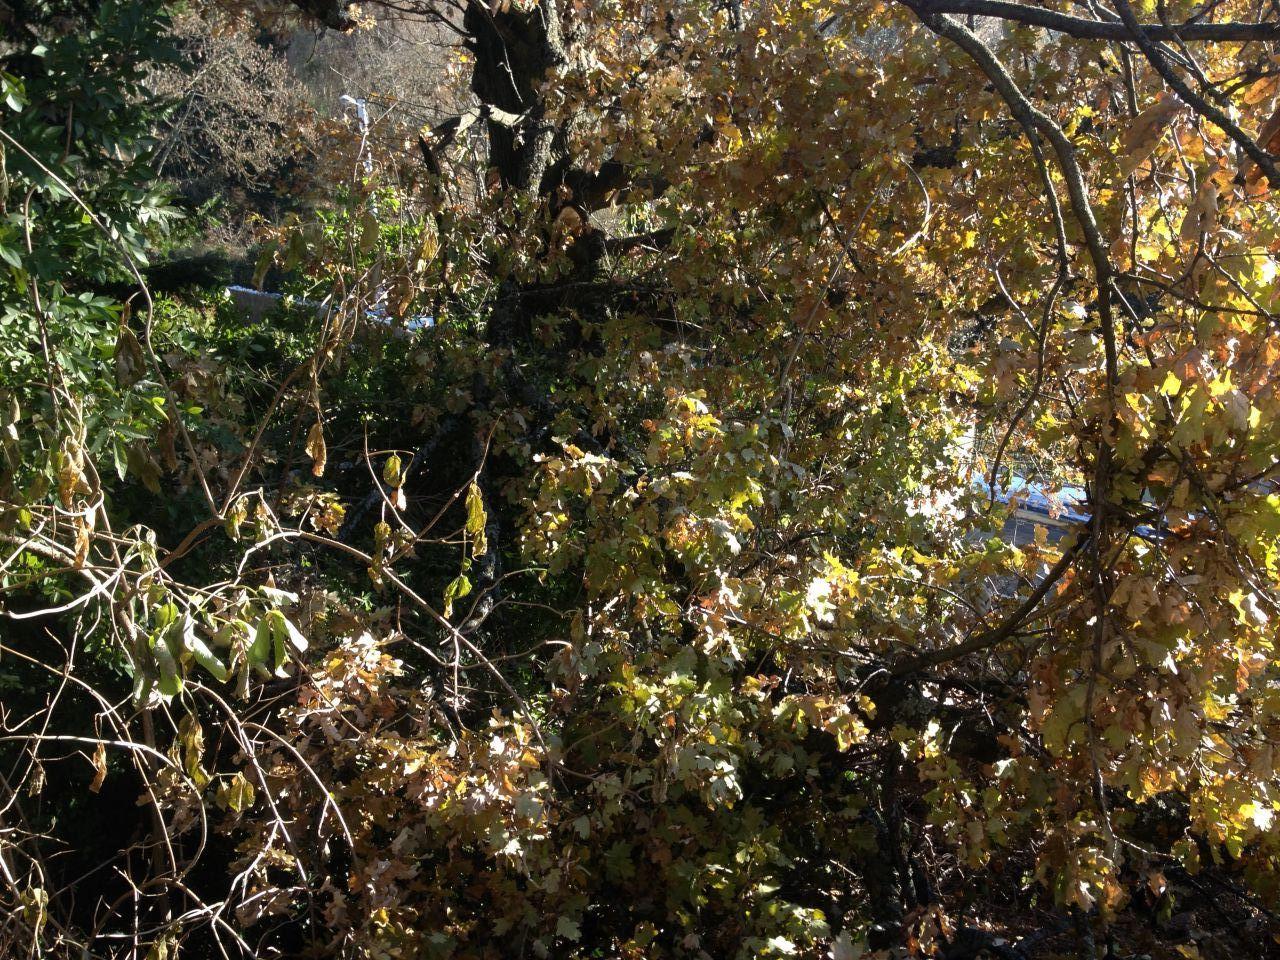 Arbre du voisin étant tombé sur notre terrain. Les branches tenant encore à ce dernier.